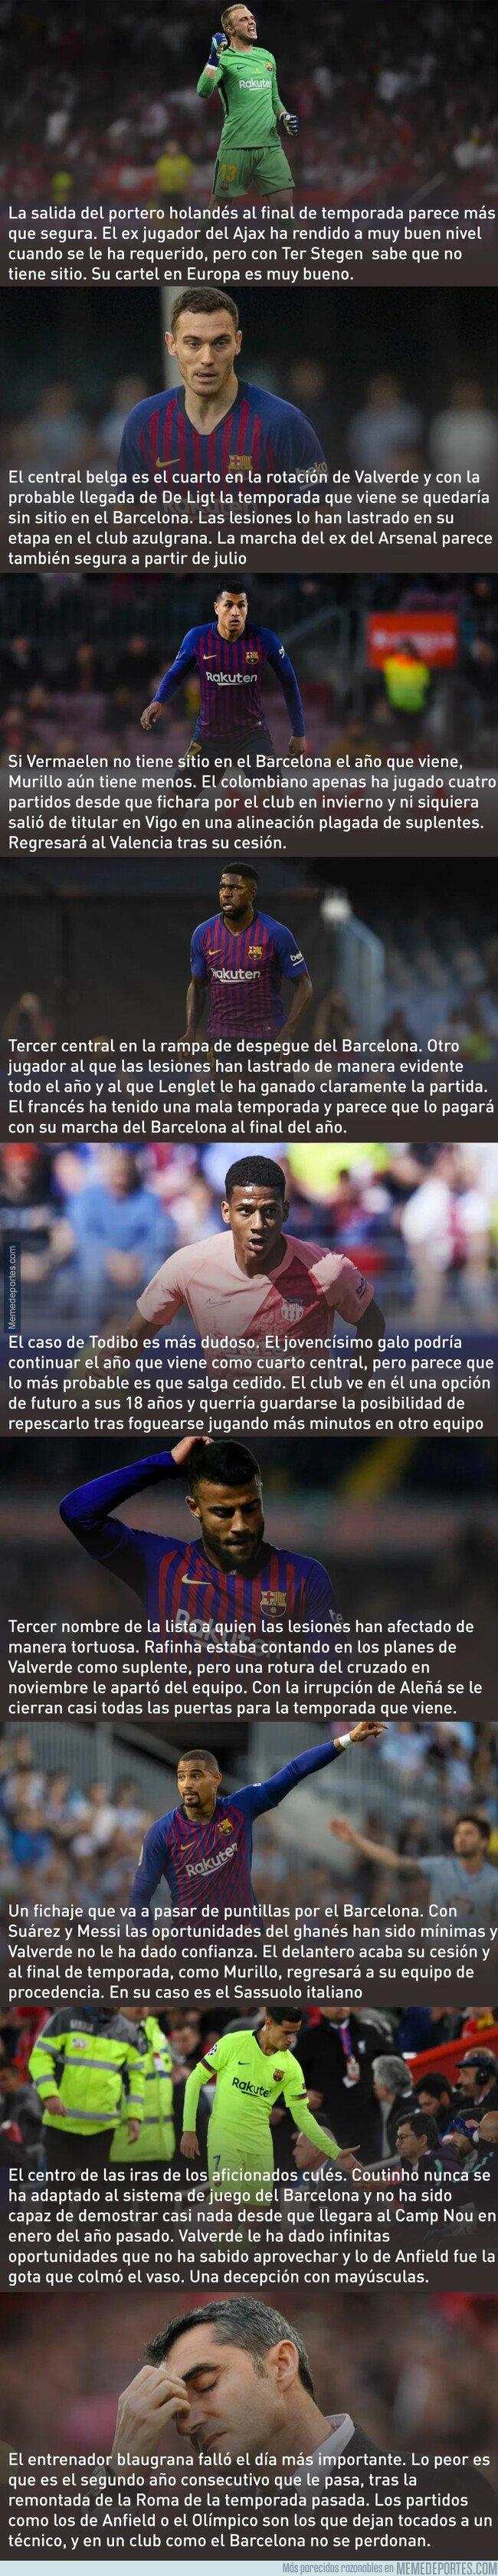 1074593 - Según los rumores, éstas pueden ser las 9 bajas del Barça este año